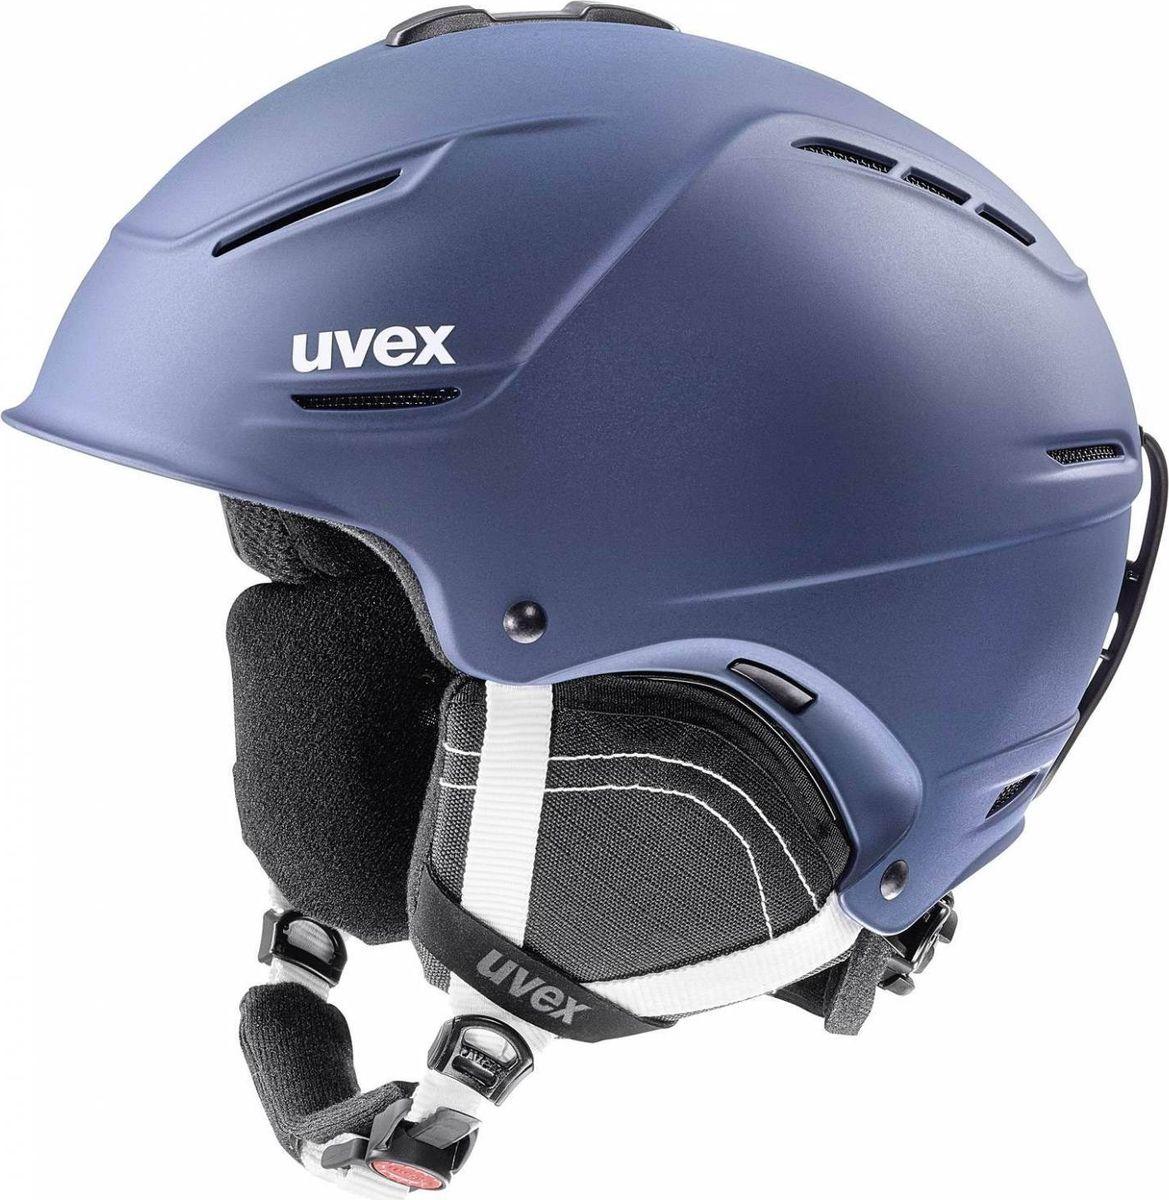 Шлем горнолыжный Uvex P1us 2.0 Helmet, цвет: синий матовый. Размер 52/556211Удобный шлем от Uvex с конструкцией +technology обеспечит безопасность на склоне. В модели предусмотрена съемная защита ушей с технологией Natural Sound, которая не искажает звуки. Гипоаллергенная подкладка и регулируемая вентиляция гарантируют комфорт во время катания. Фиксатор стрэпа маски и застежка monomatiс, которую легко отрегулировать одной рукой, служат для удобства использования. Система IAS для индивидуальной подгонки по размеру. Сделано в Германии.